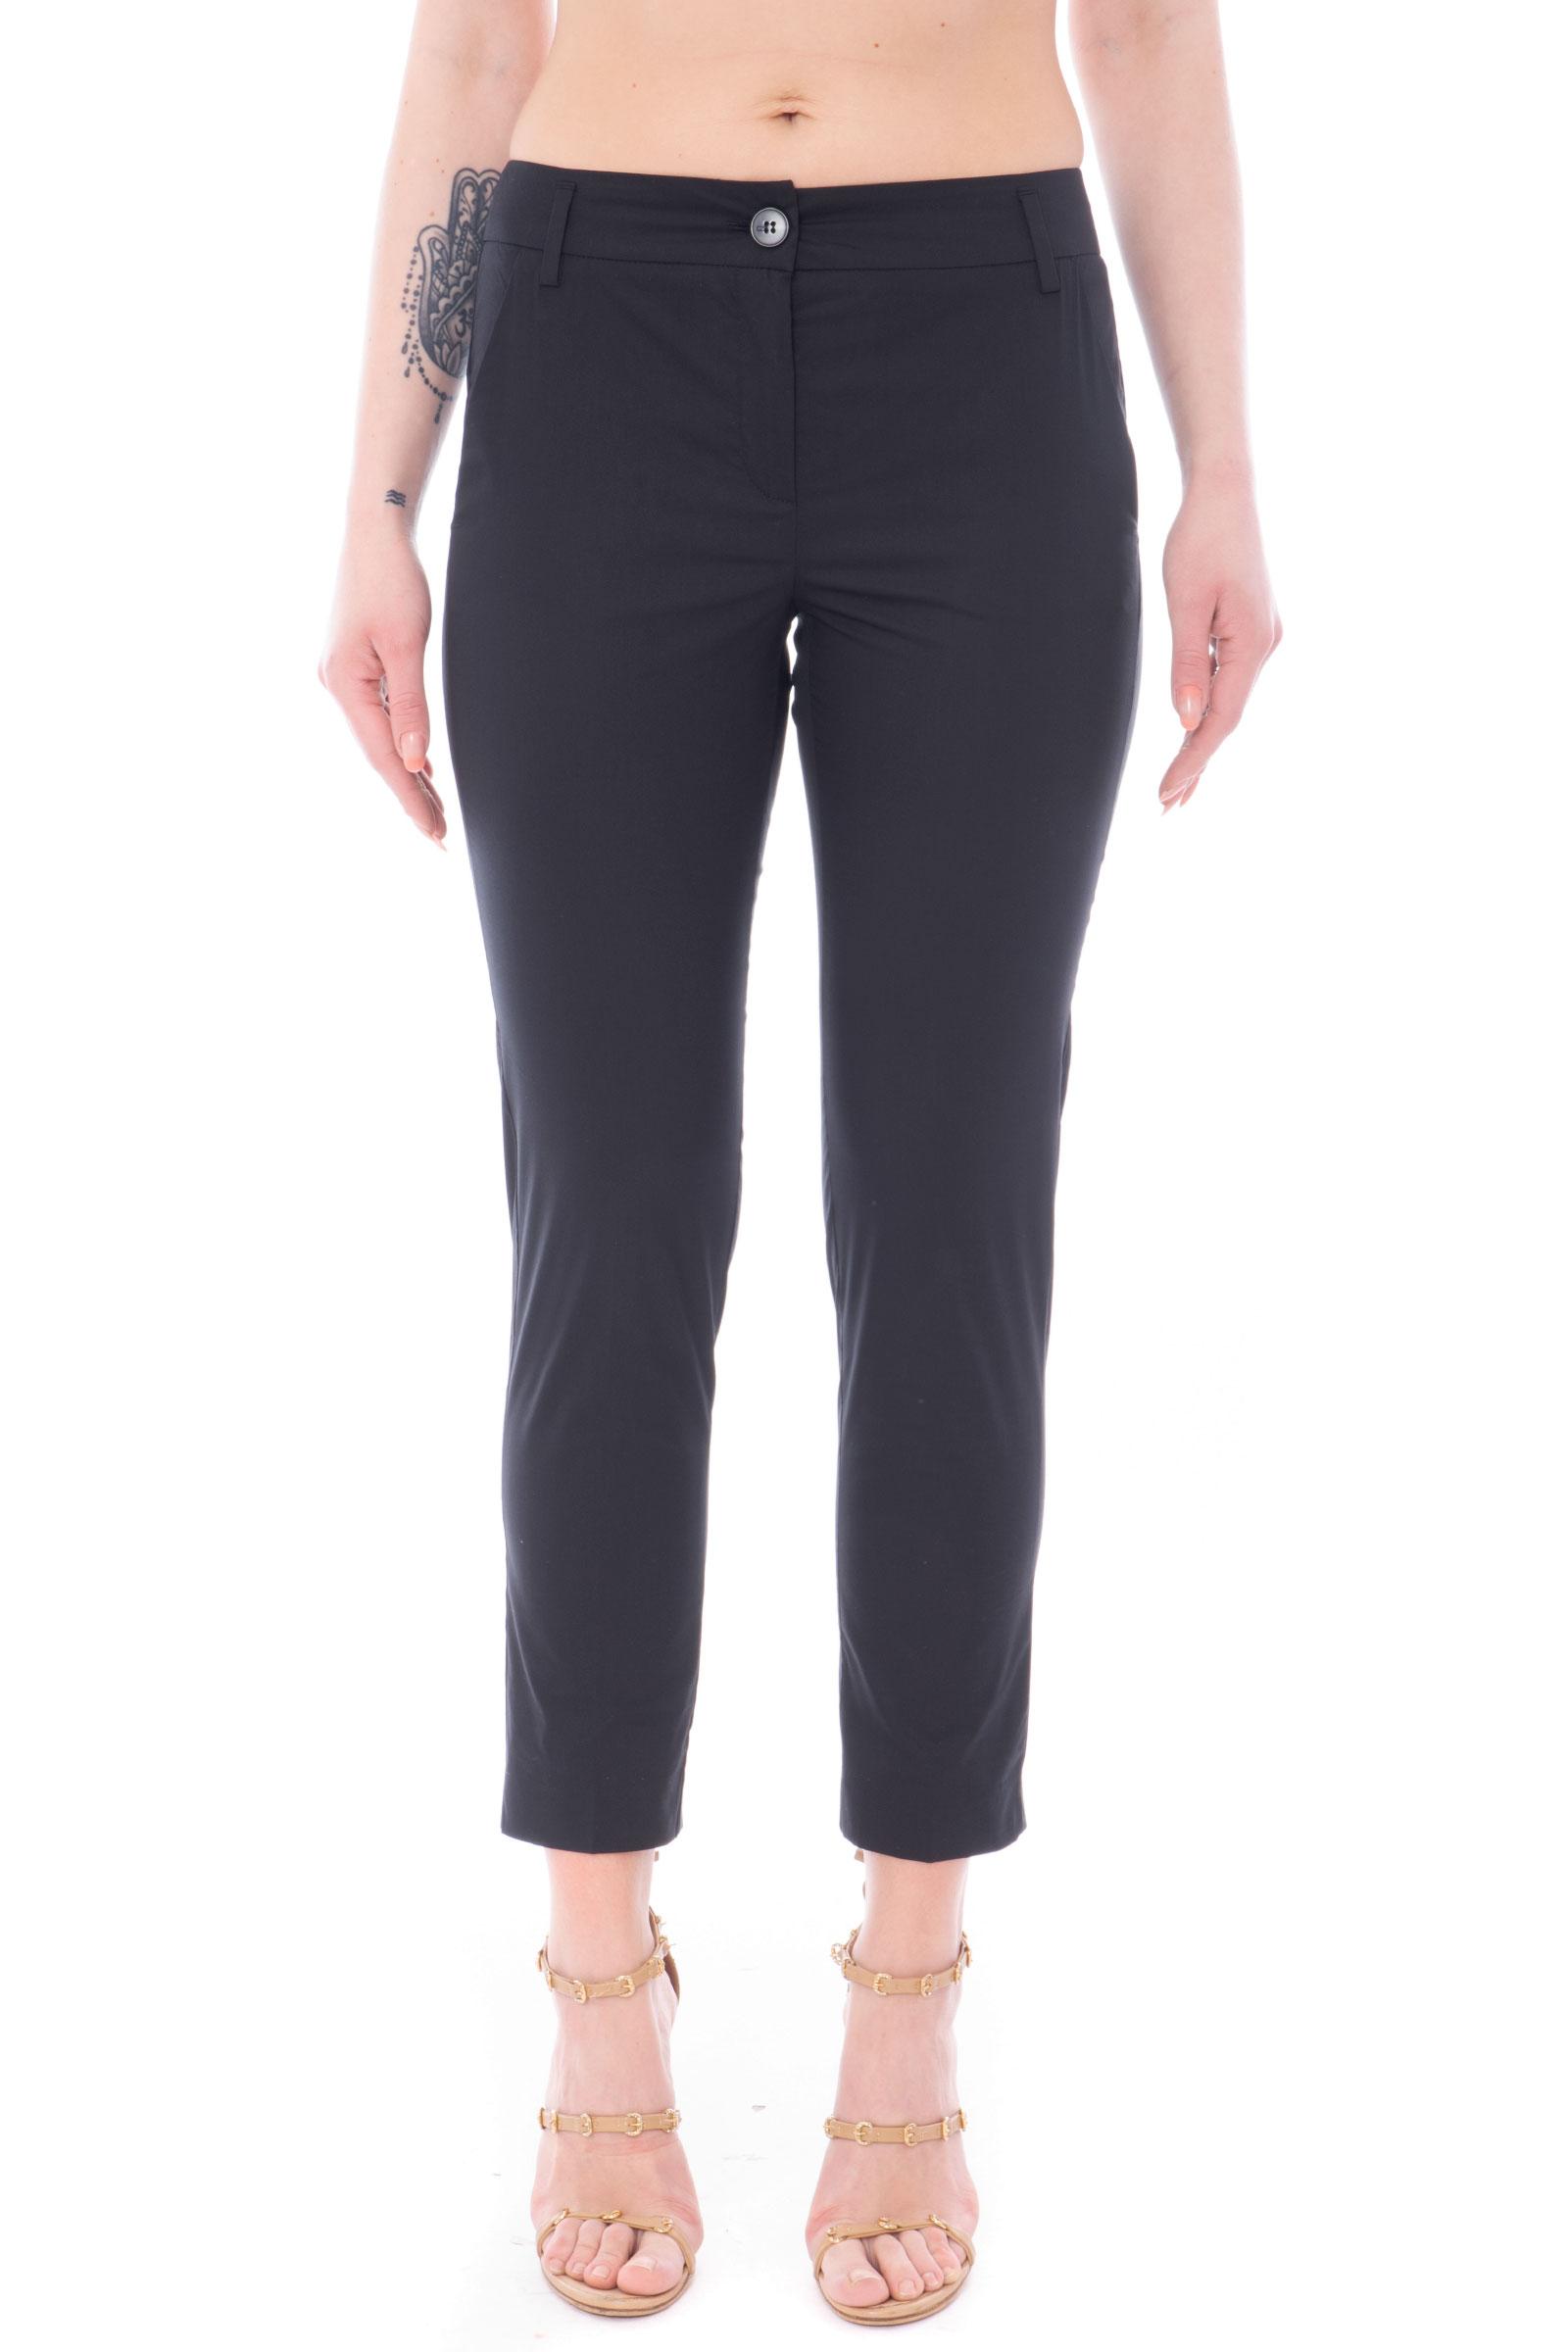 EMME MARELLA Pantalone Donna modello ADELCHI EMME MARELLA | Pantalone | 51310114000004